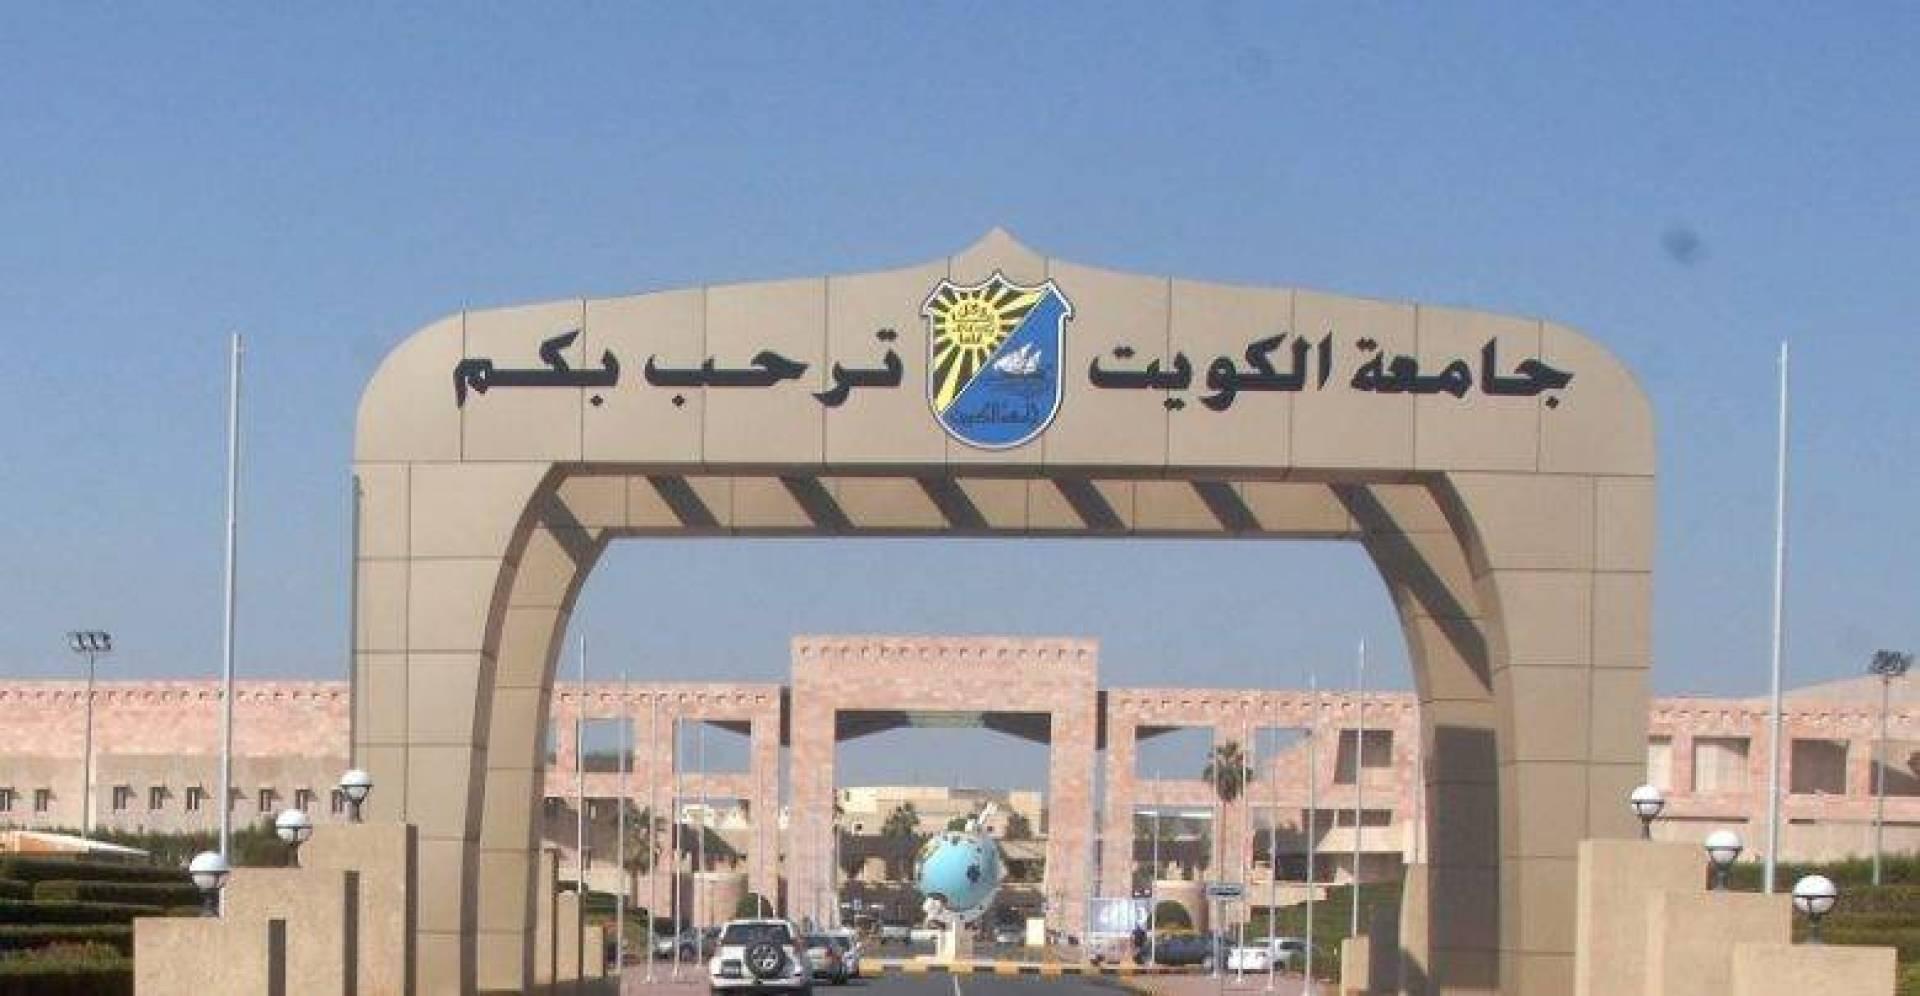 جامعة الكويت تضع خطة تطبيق التعليم عن بعد